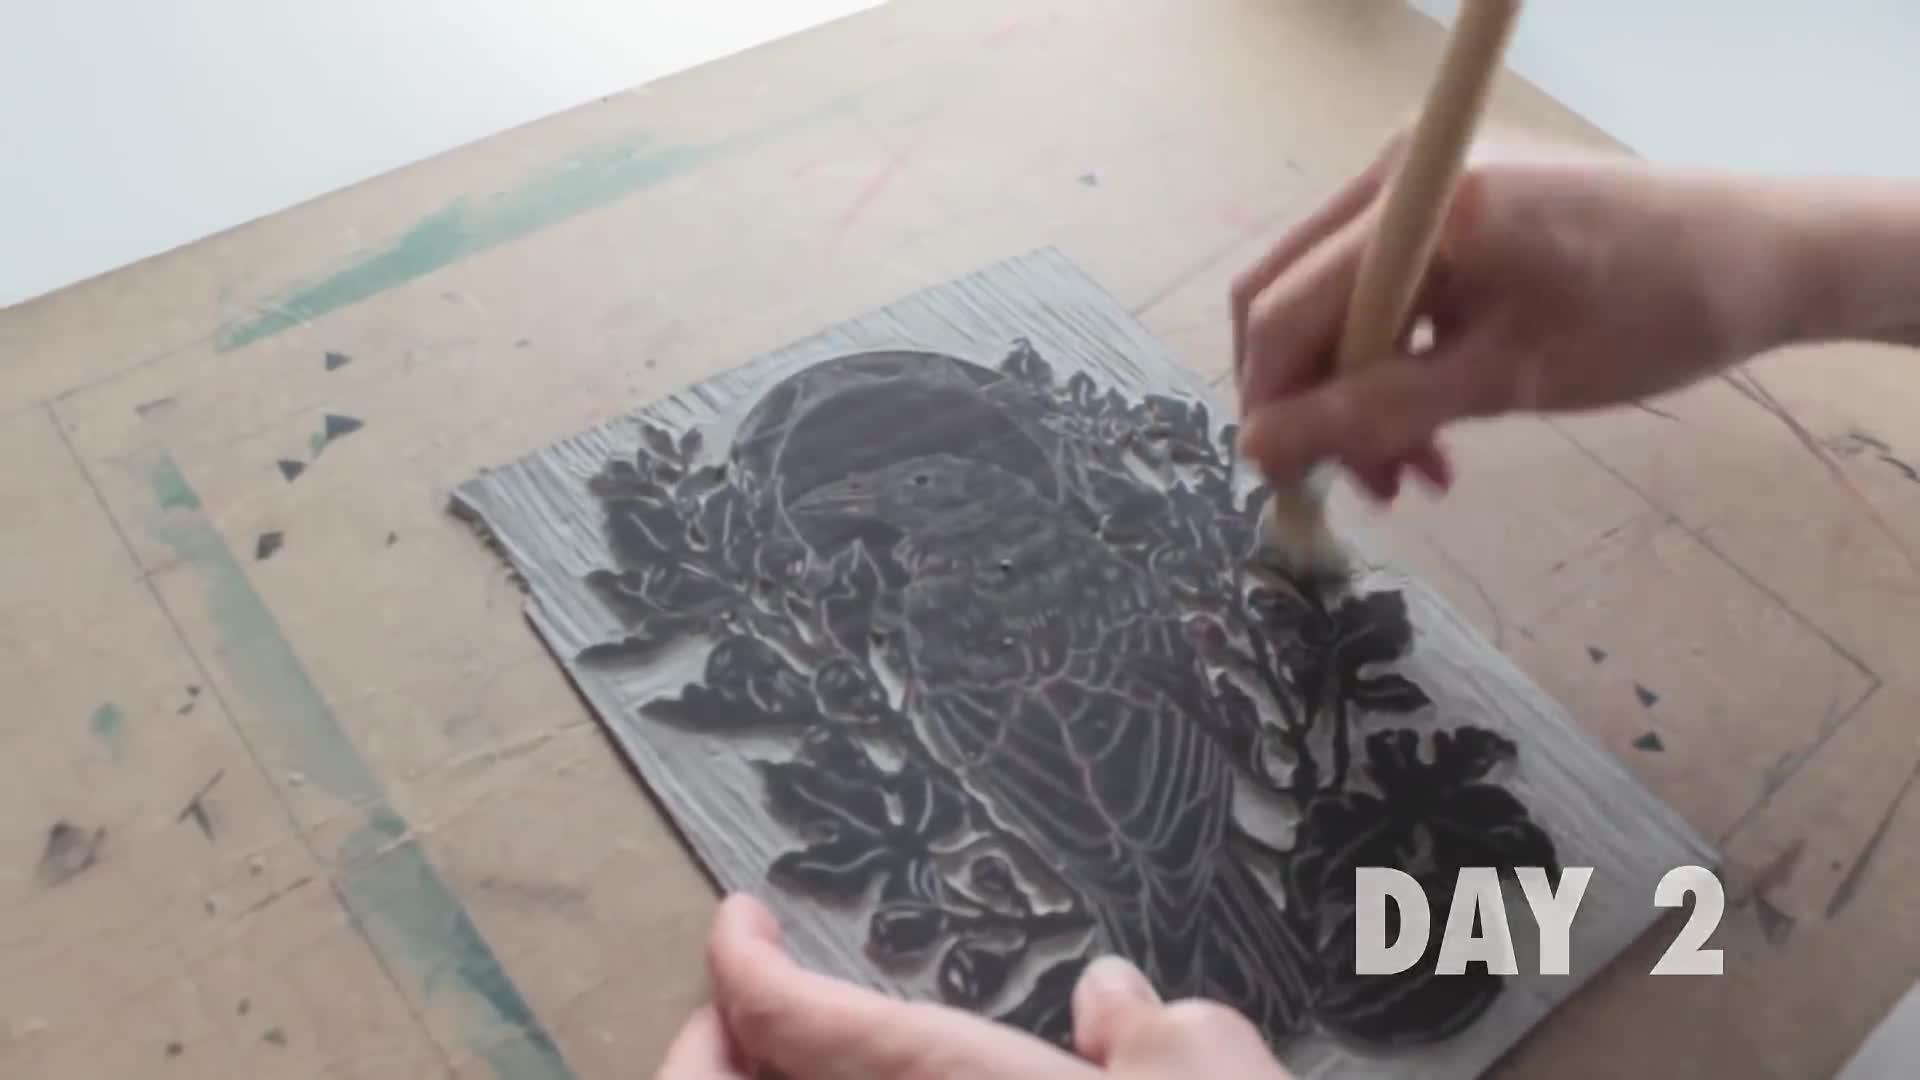 油毡版画/麻胶版画雕刻与印刷短片 - Maarit Hänninen